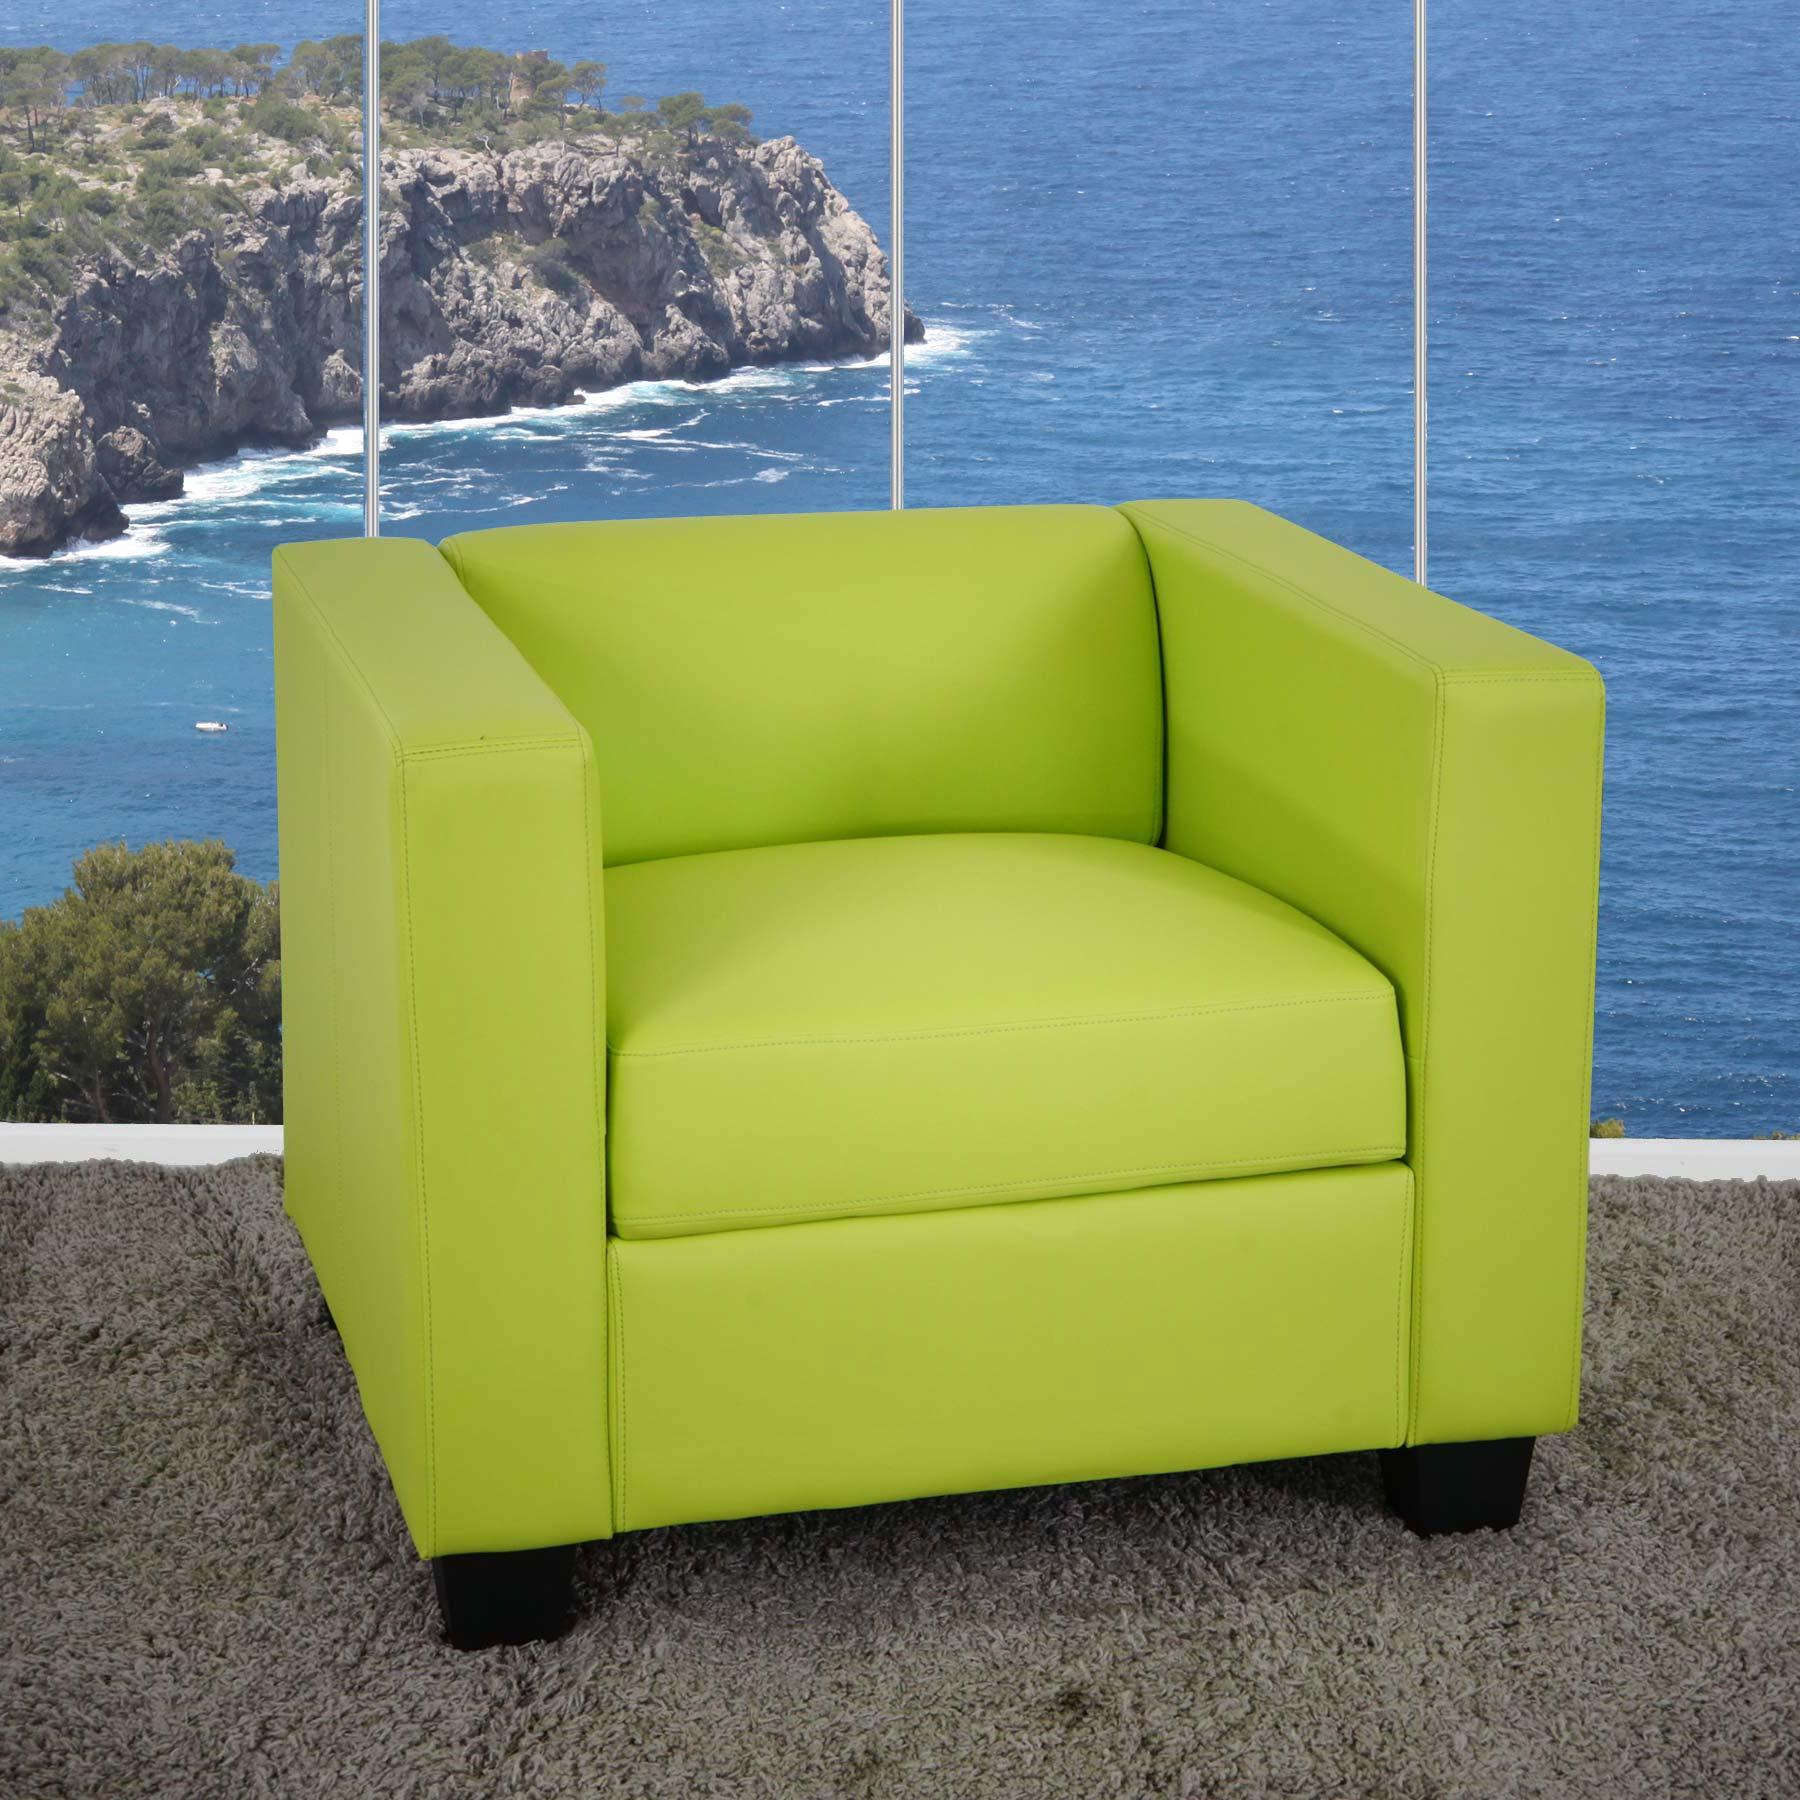 sofagarnit ur loungesofa sessel 2er sofa 3er sofa lille. Black Bedroom Furniture Sets. Home Design Ideas